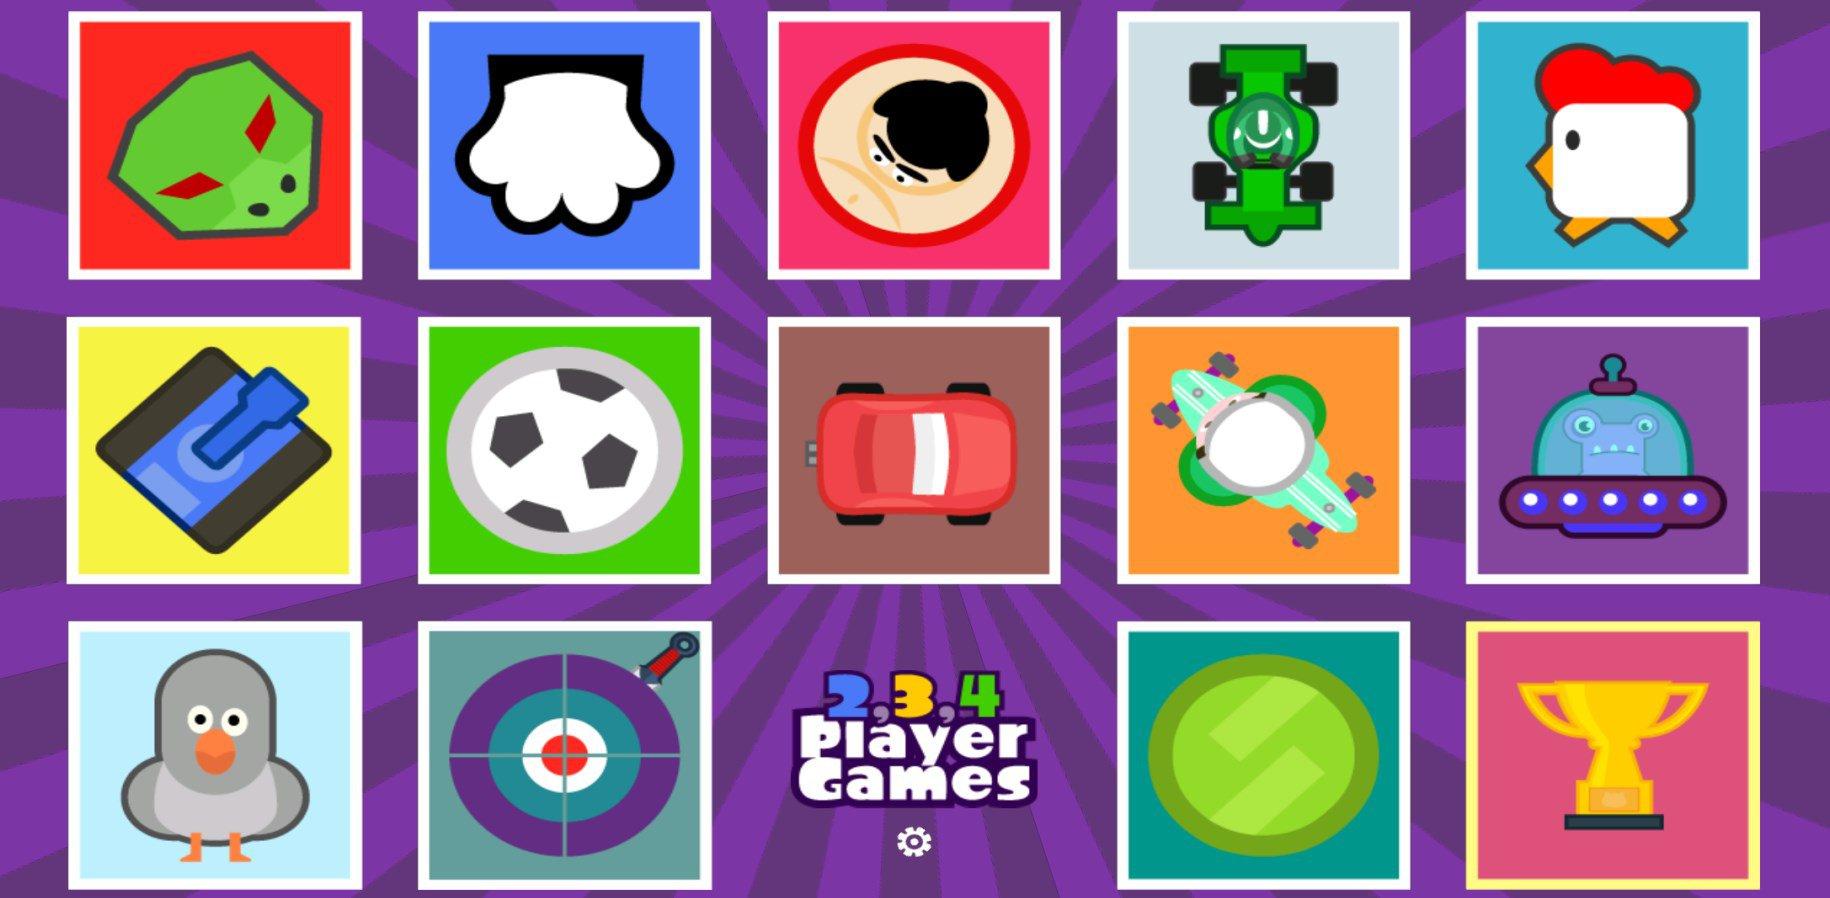 Jeux À Télécharger Pour Tablette - Primanyc à Puzzle Gratuit A Telecharger Pour Tablette